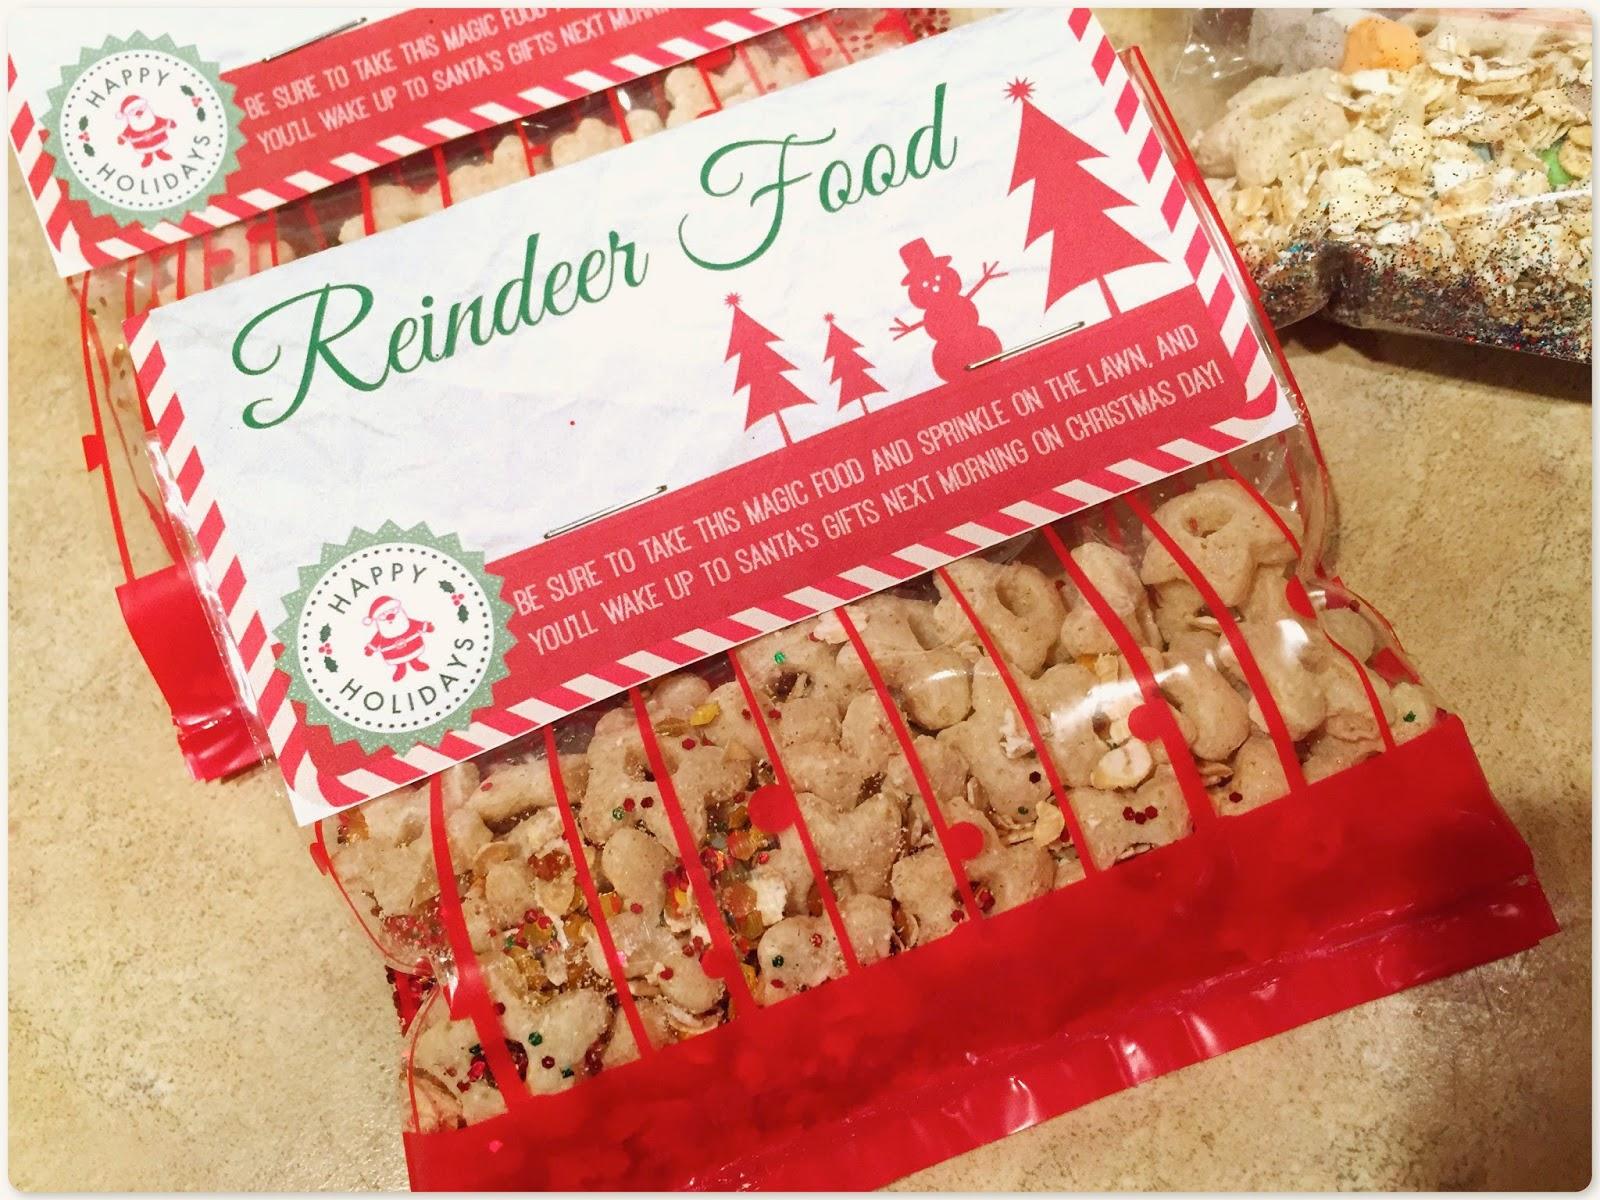 Reindeer2_Fotor